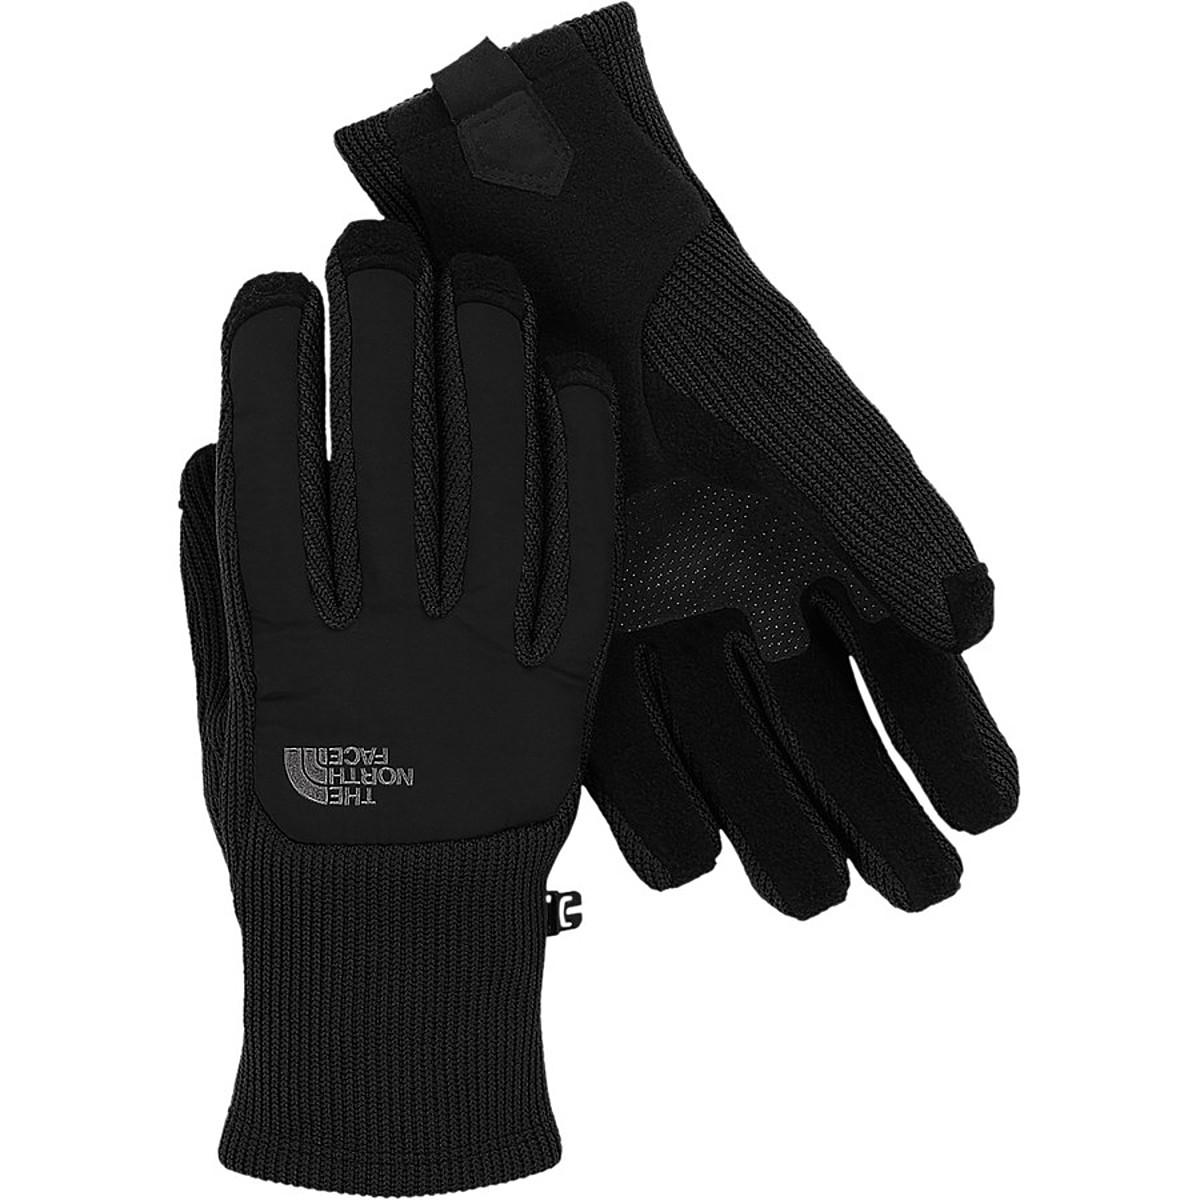 The North Face Krestwood Etip Glove